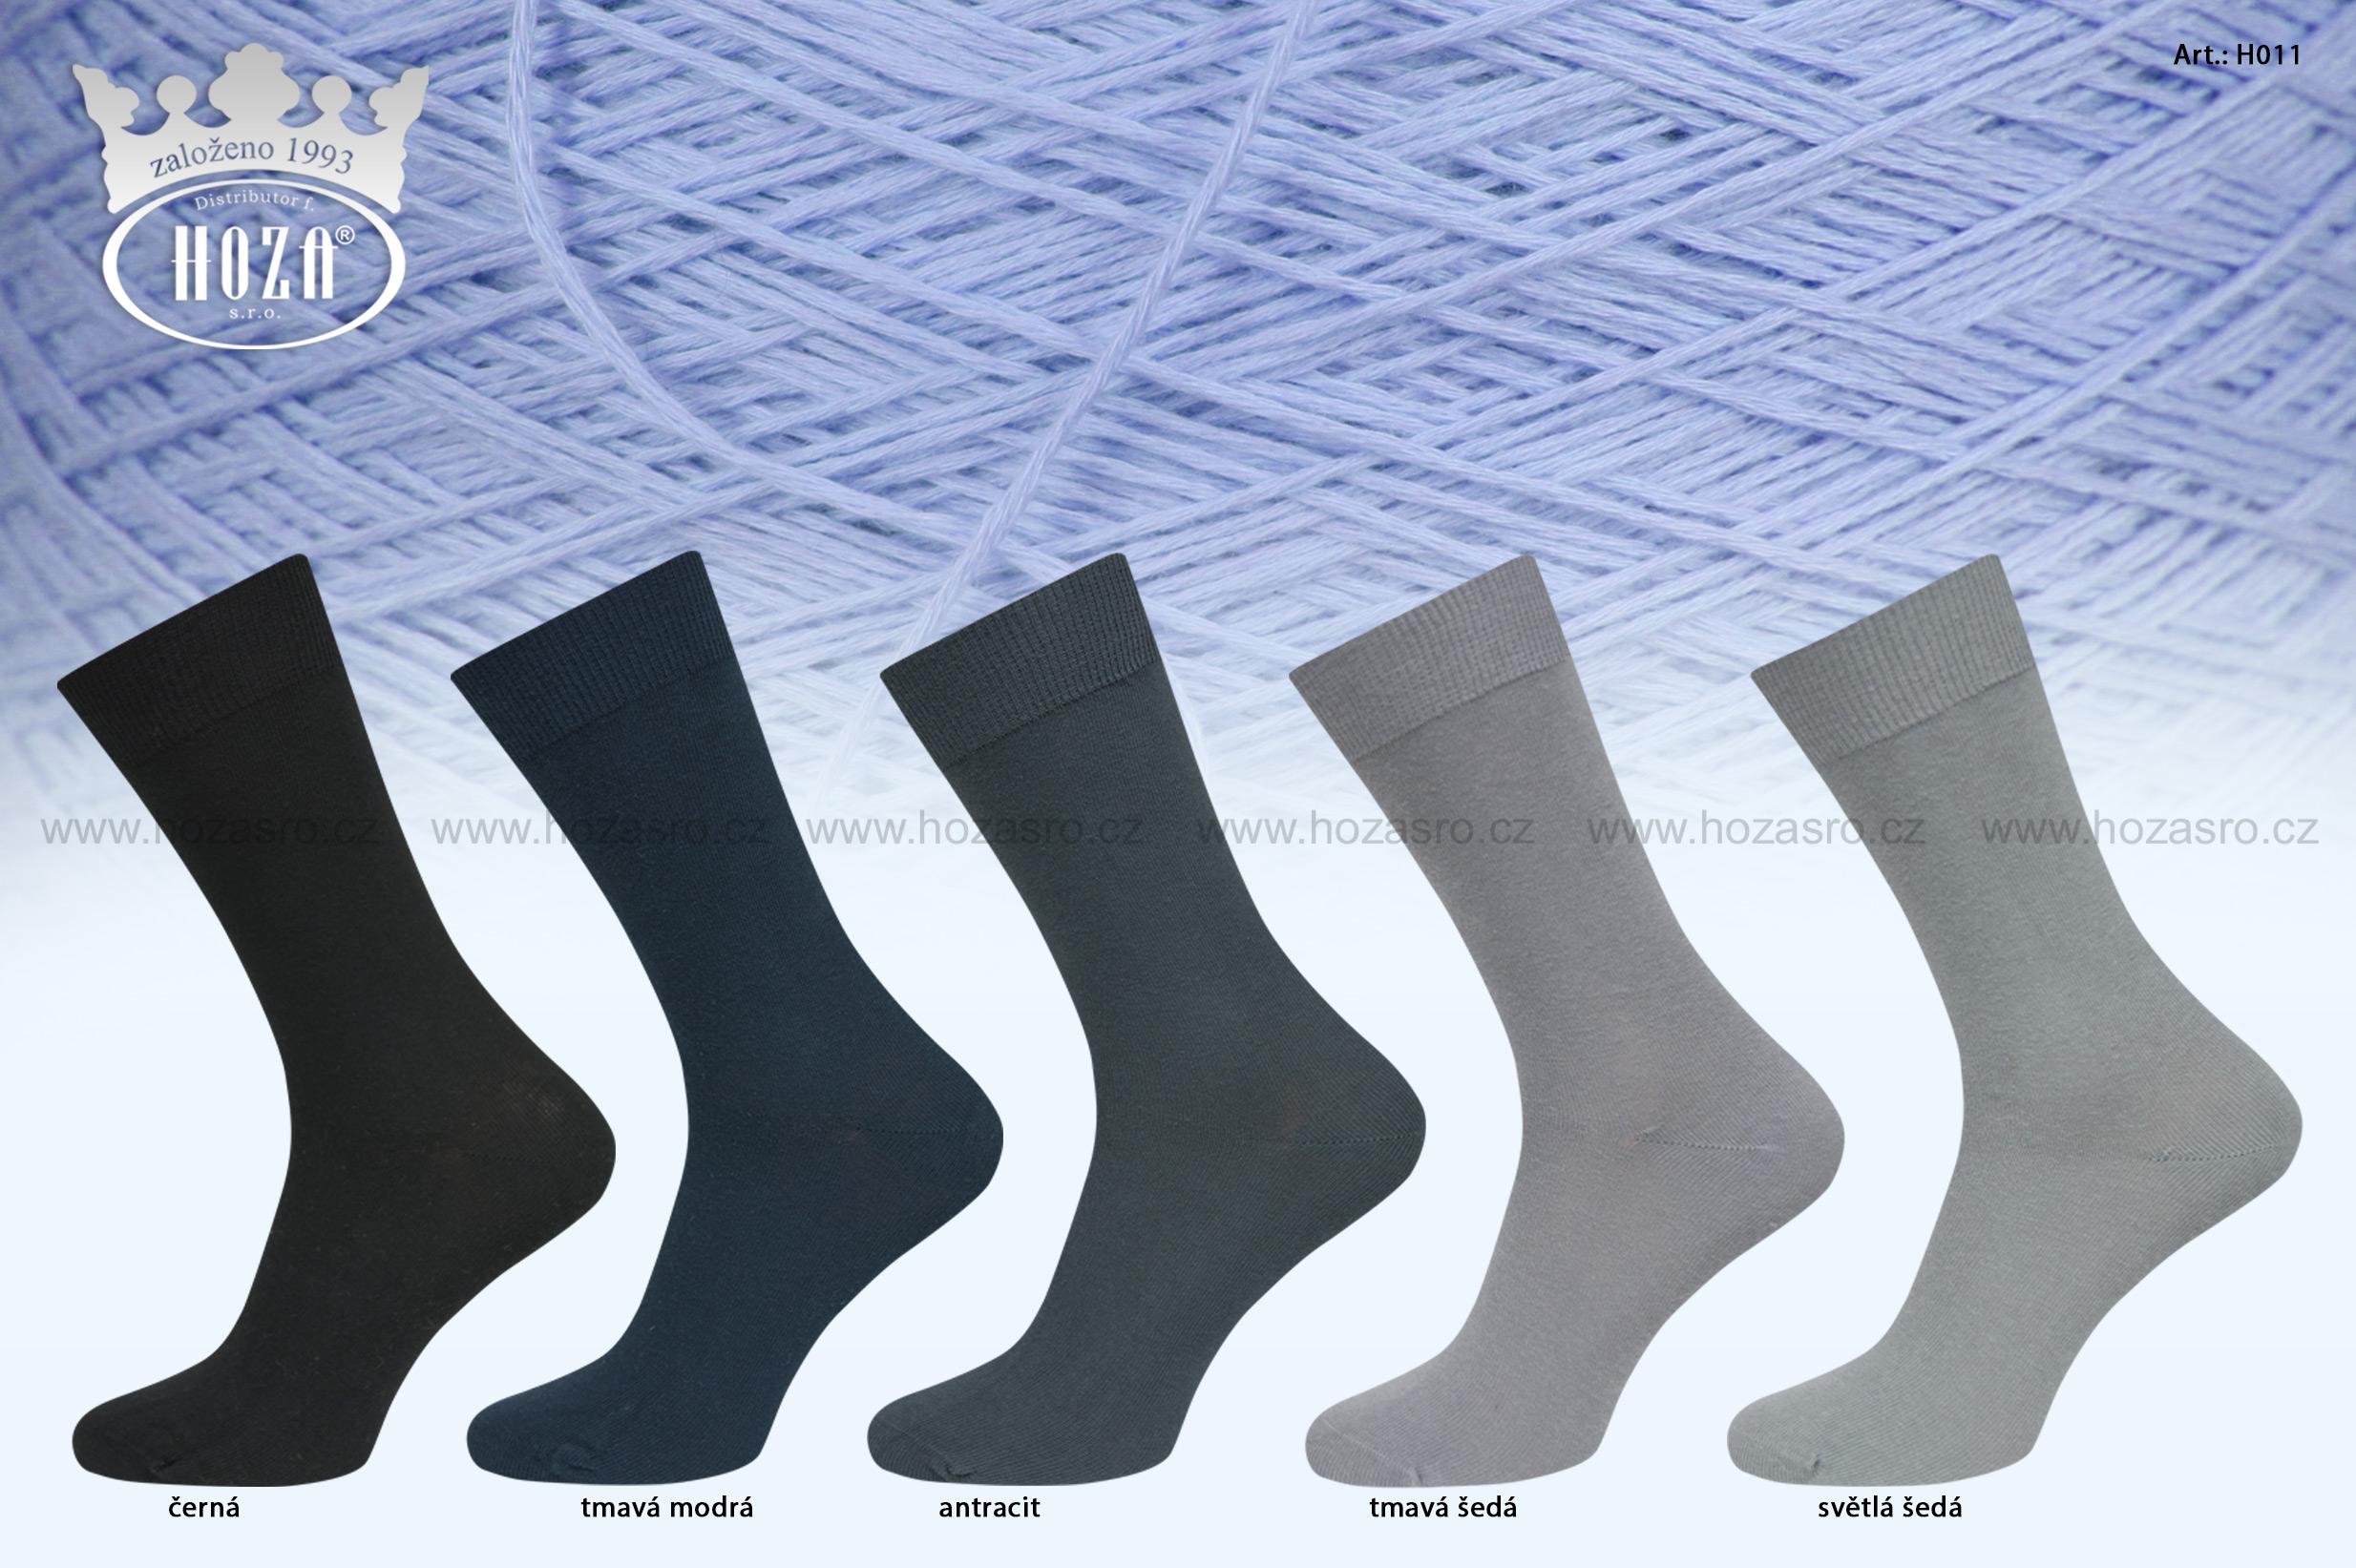 Pánské ponožky HOZA hladké, 100% bavlna - tmavý mix - H011